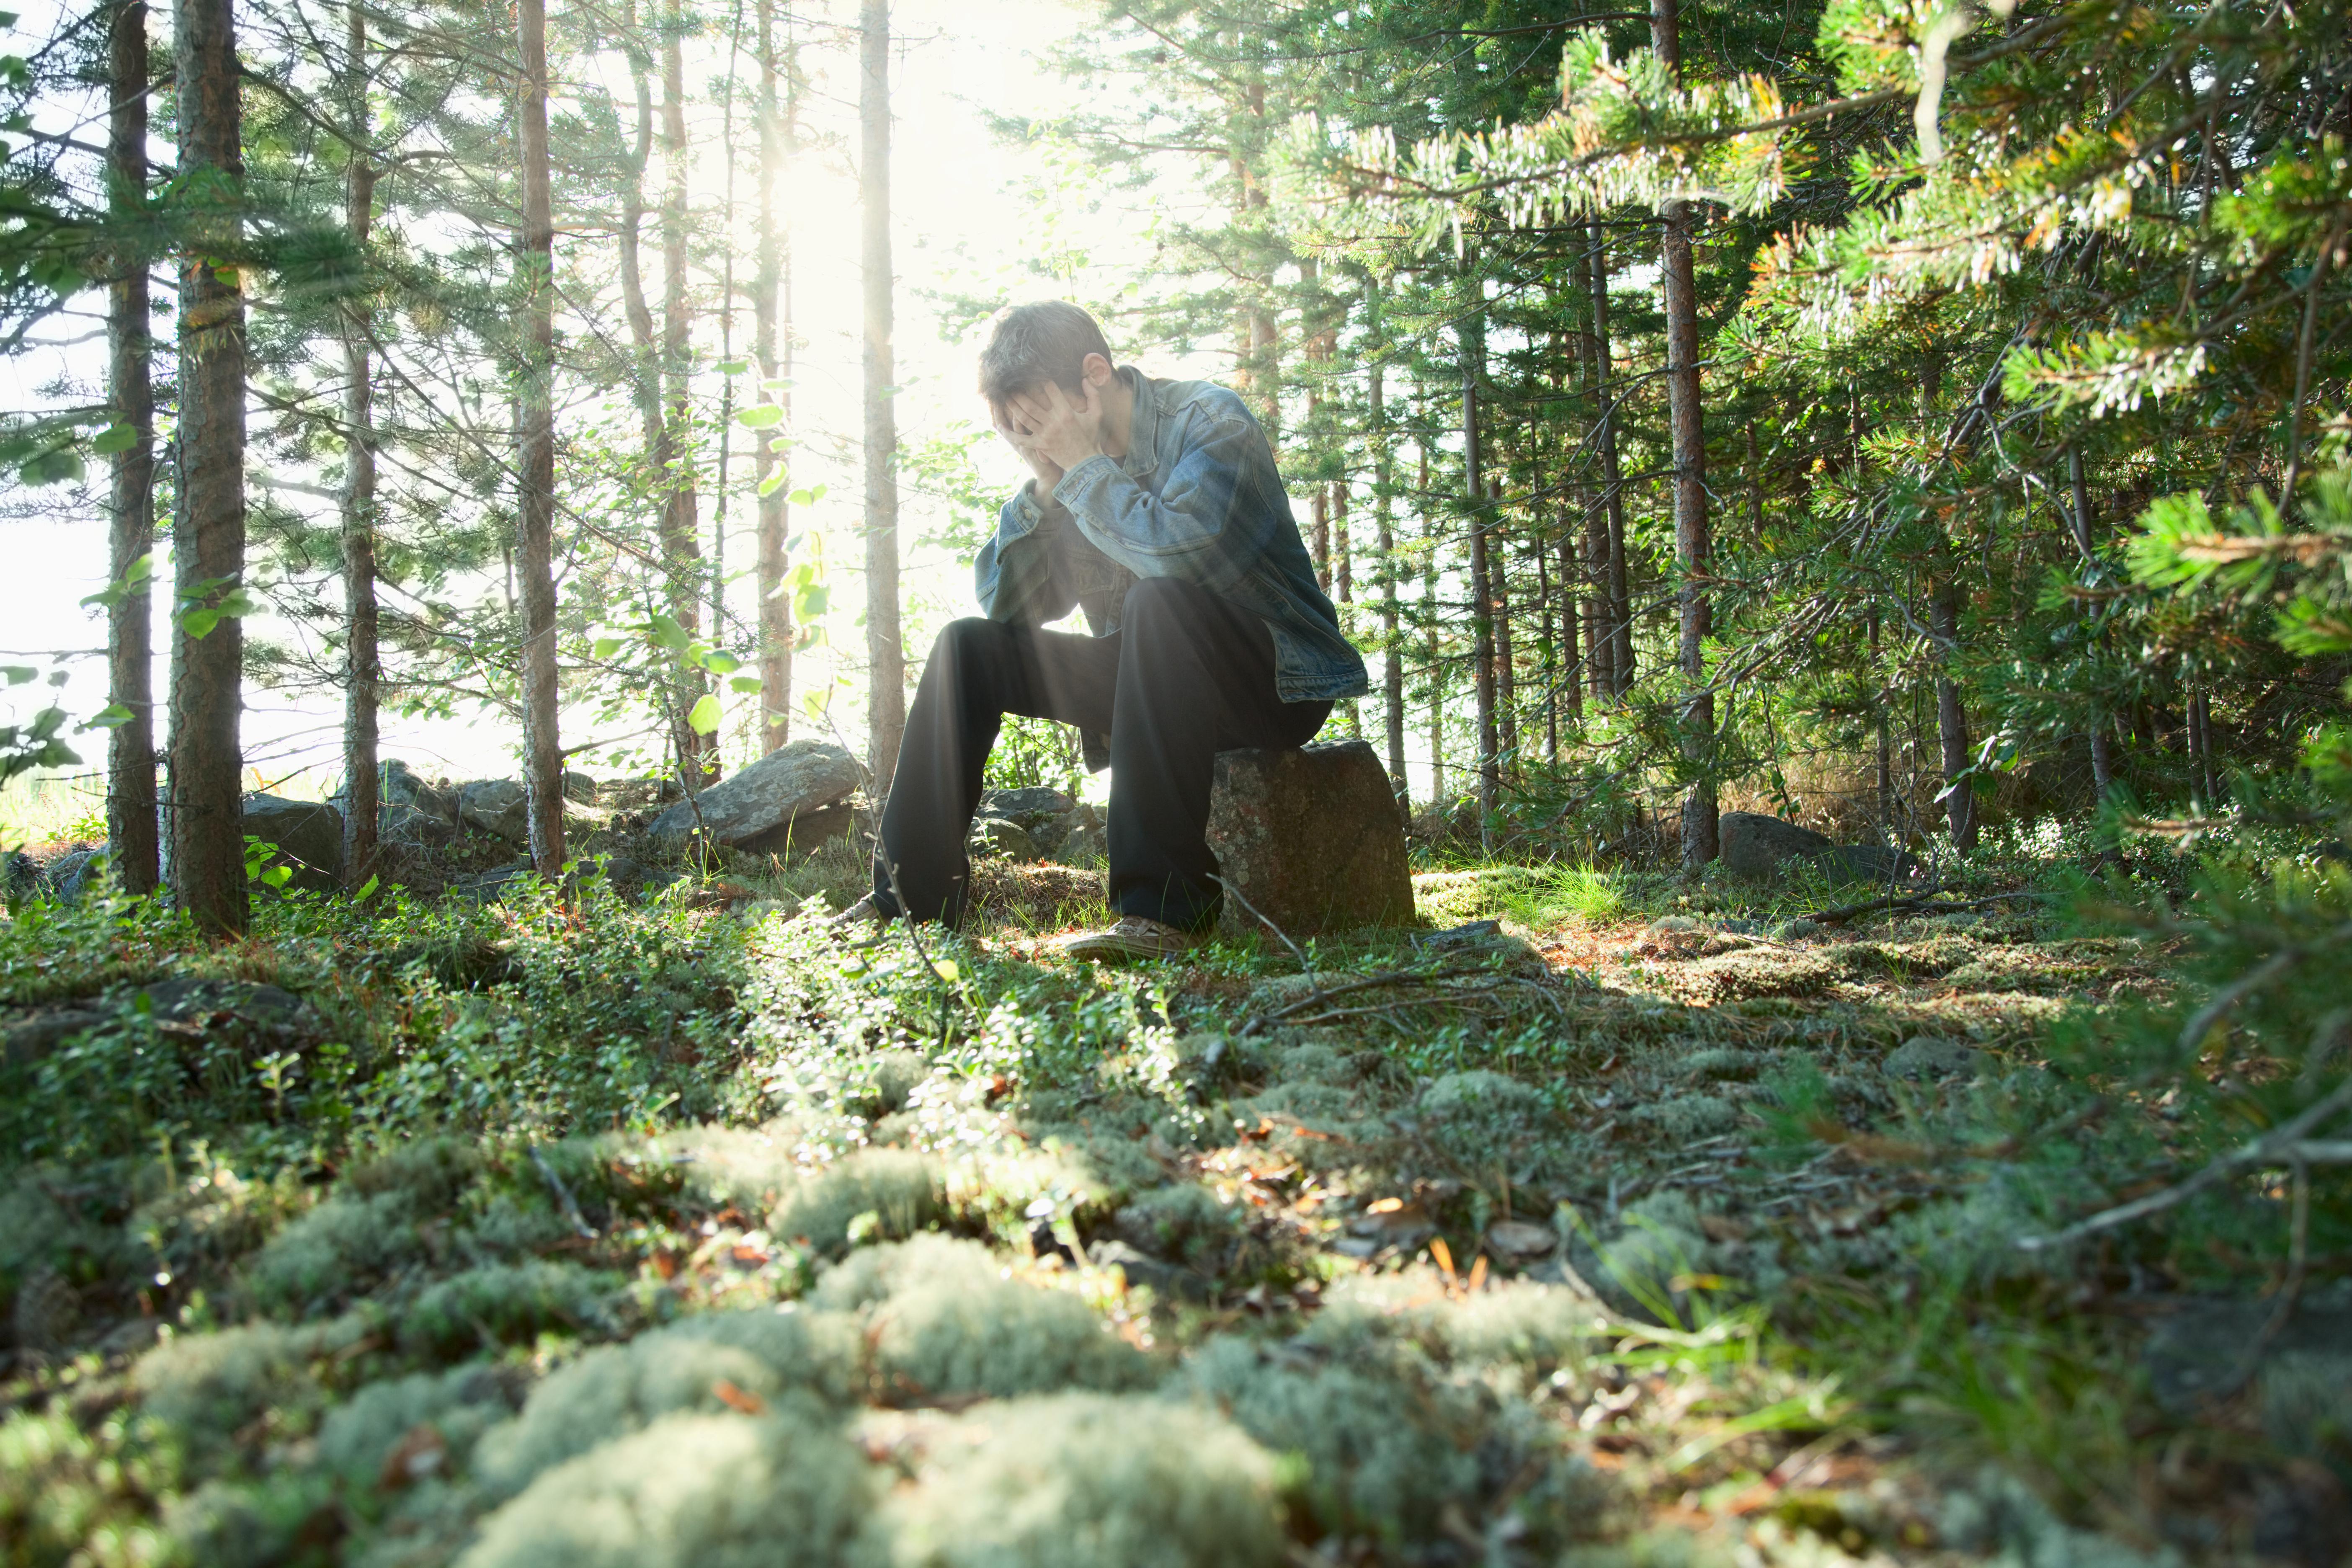 En orsak till att drabbas av sommardepression kan vara alla förväntningar och den stress det kan medföra.